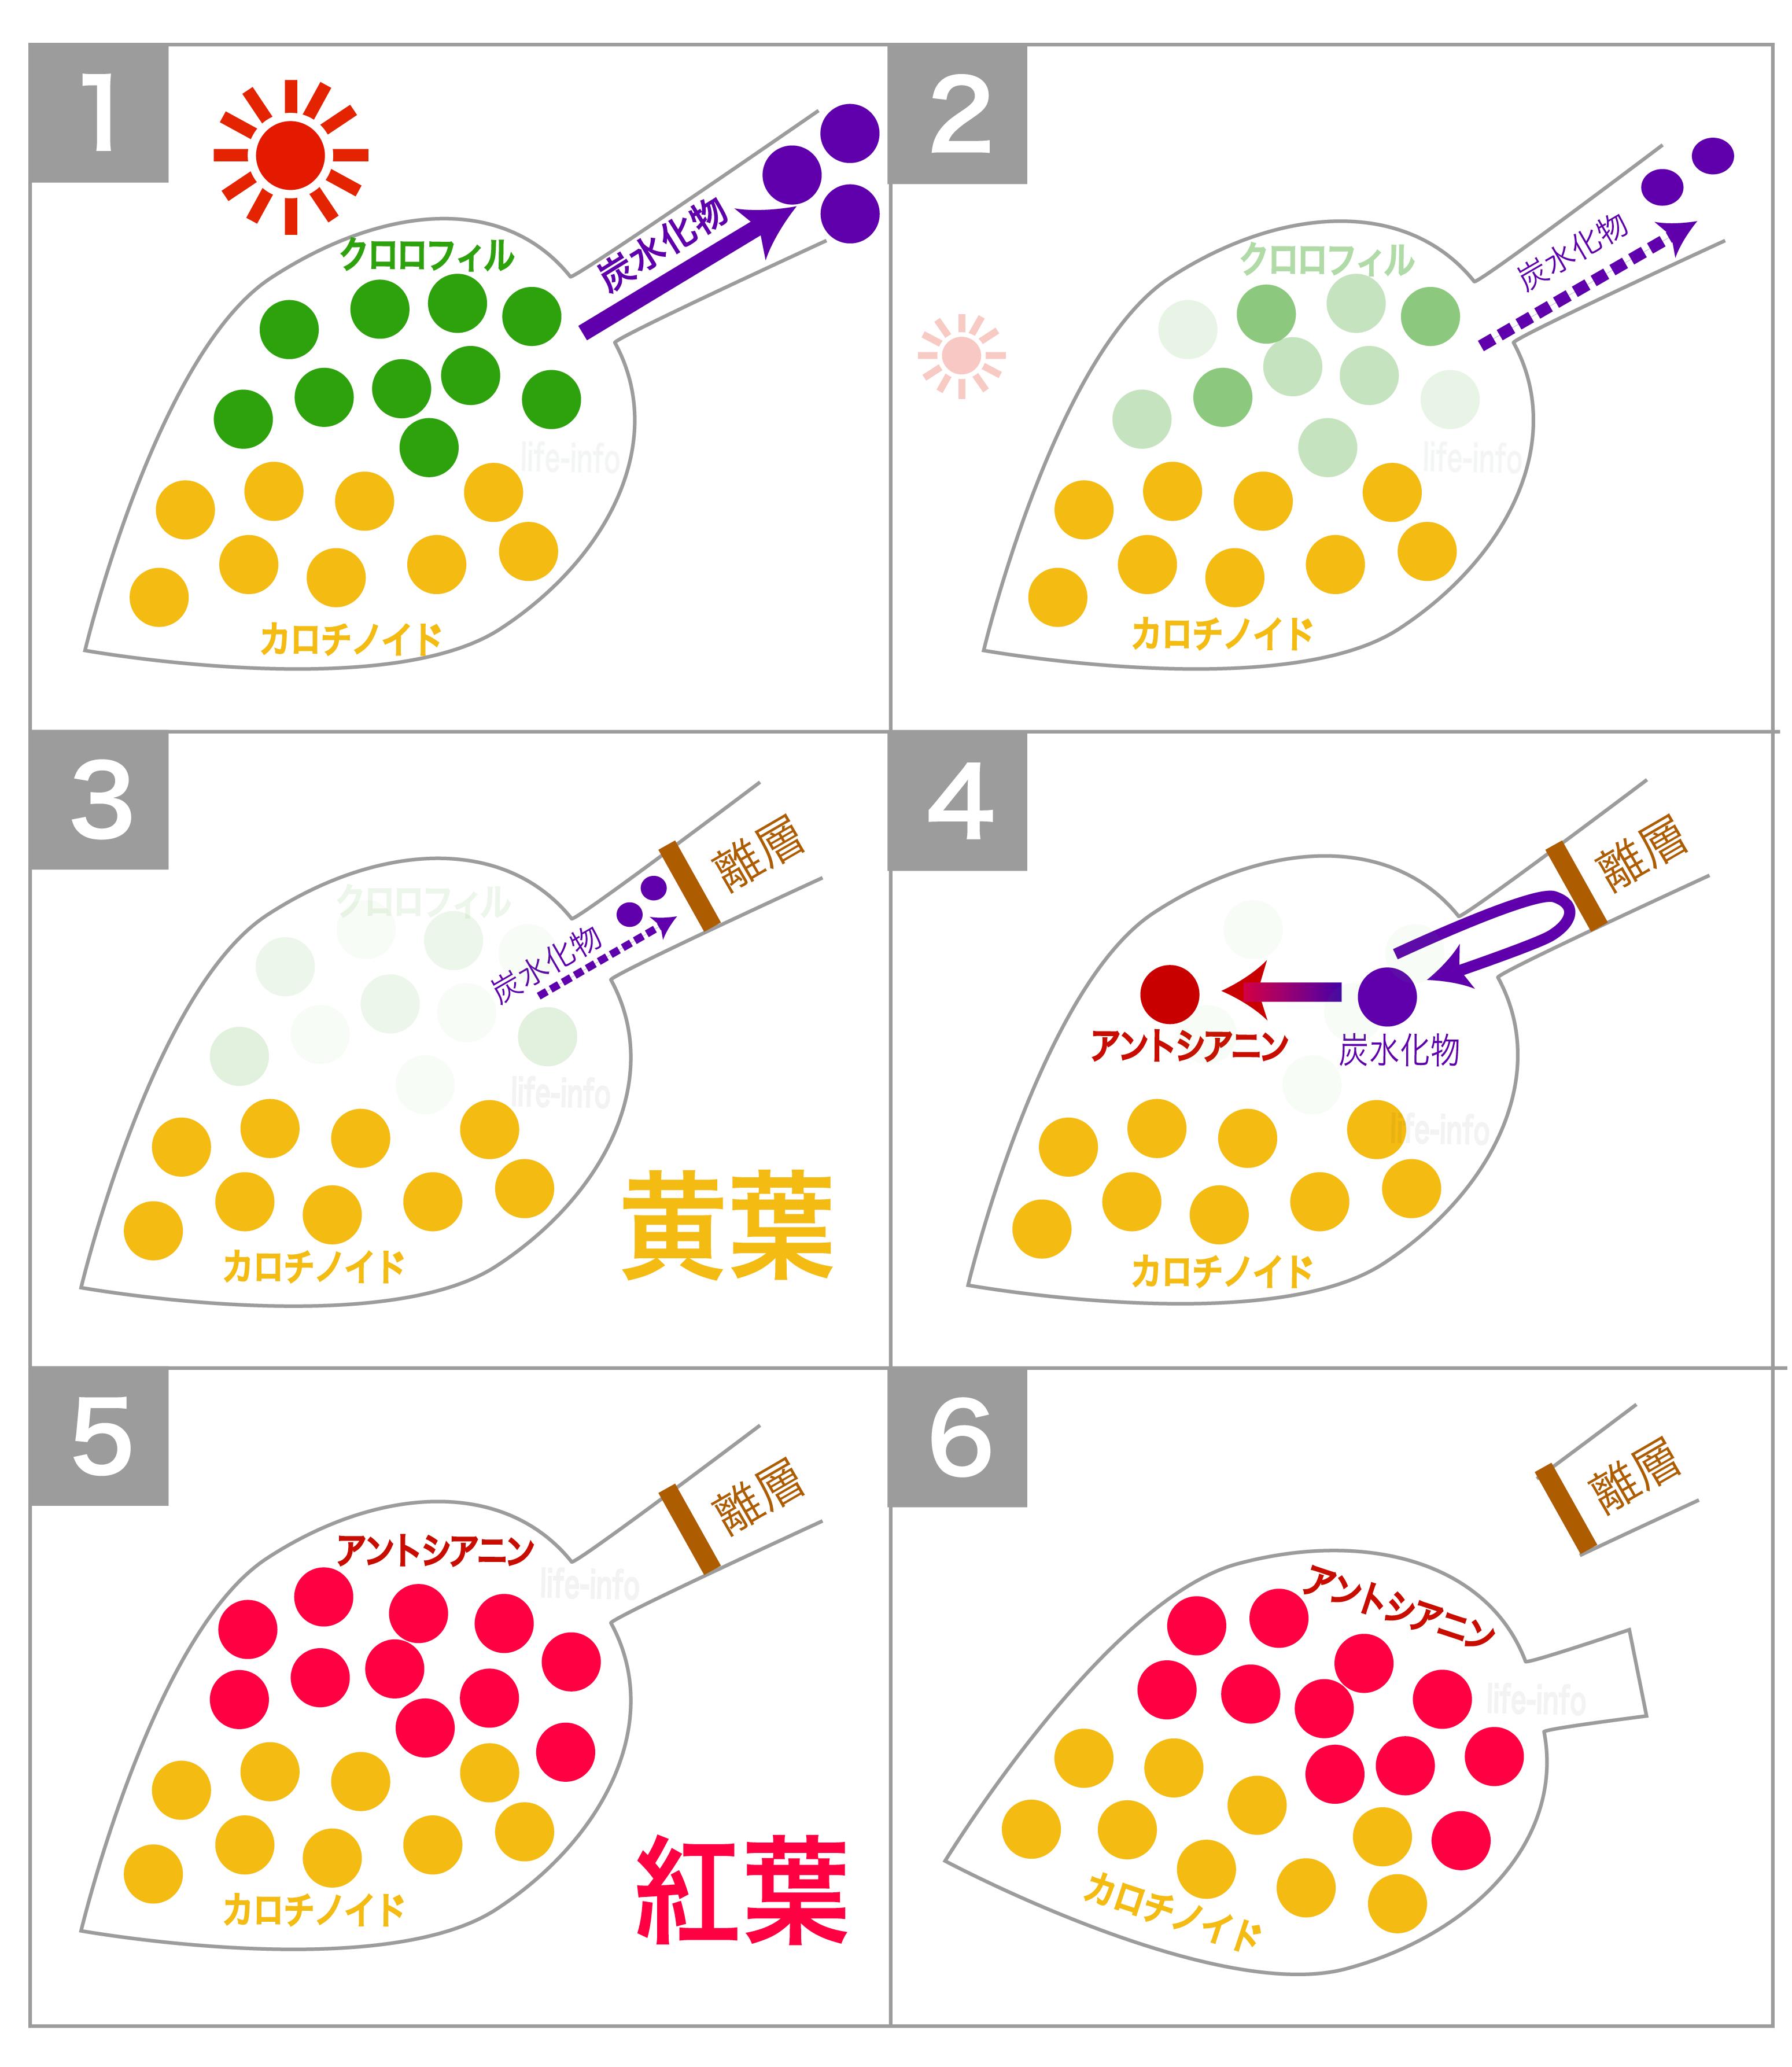 黄葉と紅葉の仕組み